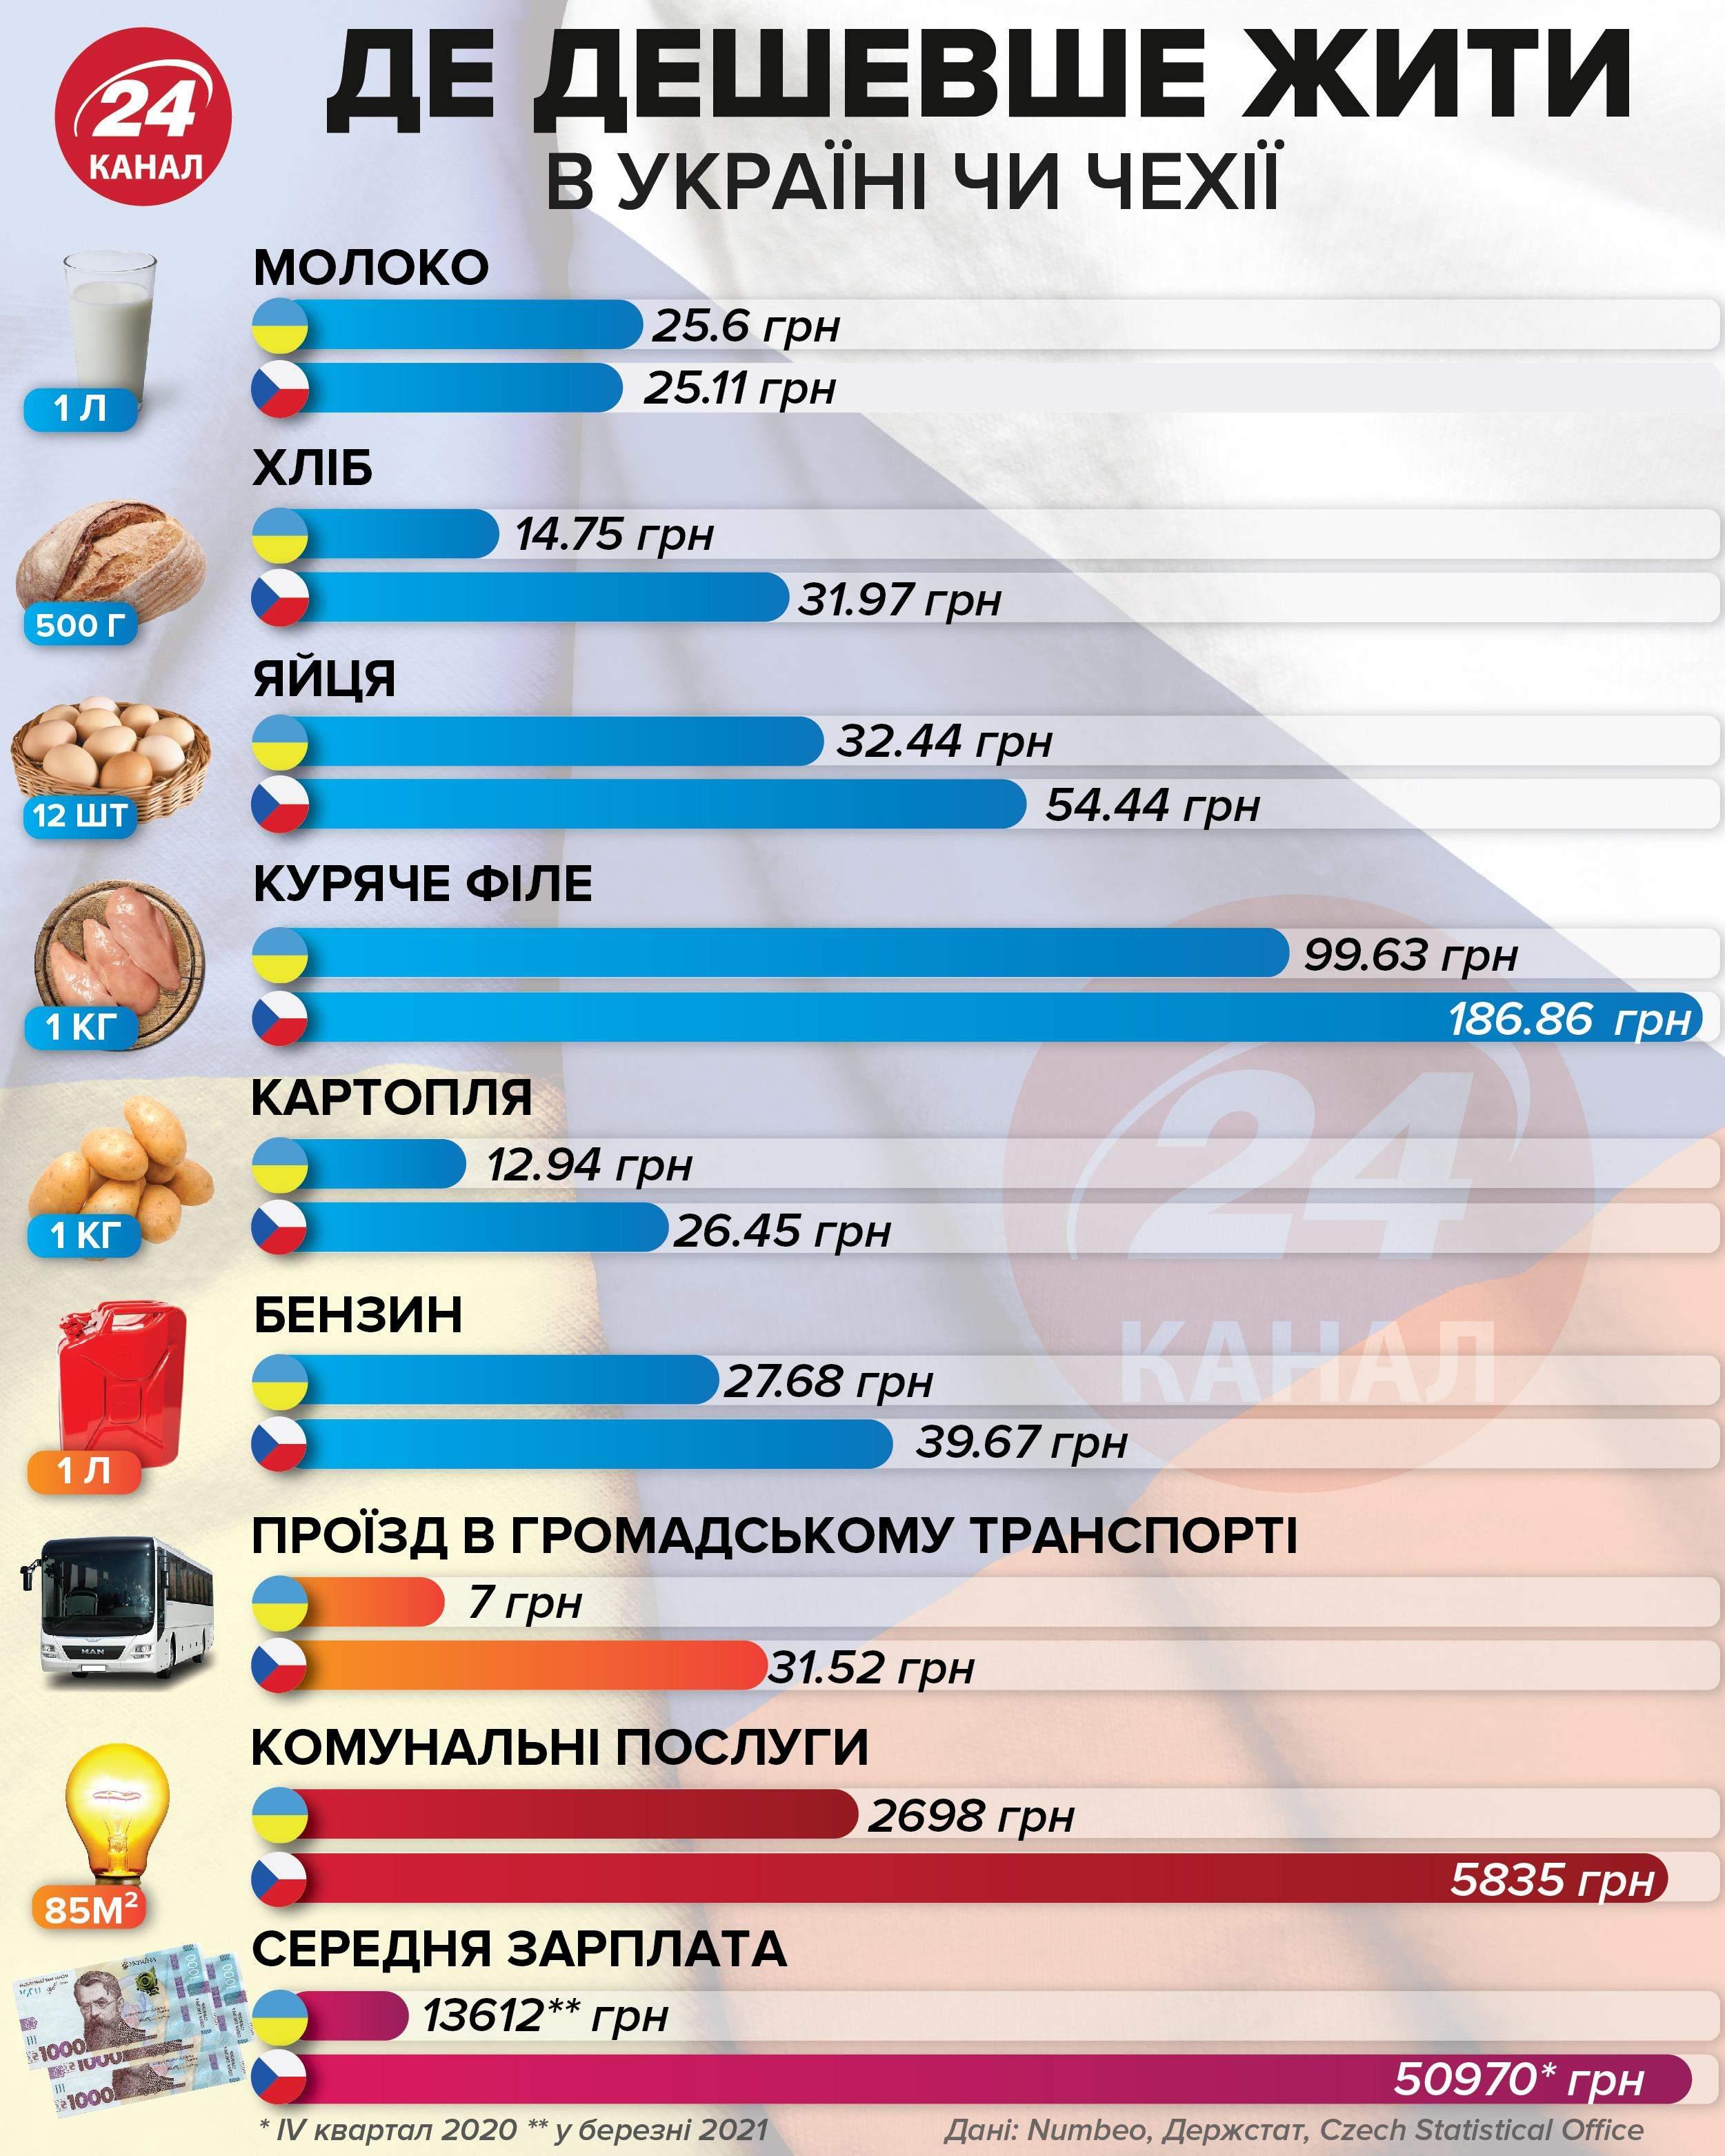 Де дешевше жити: в Україні чи Чехії